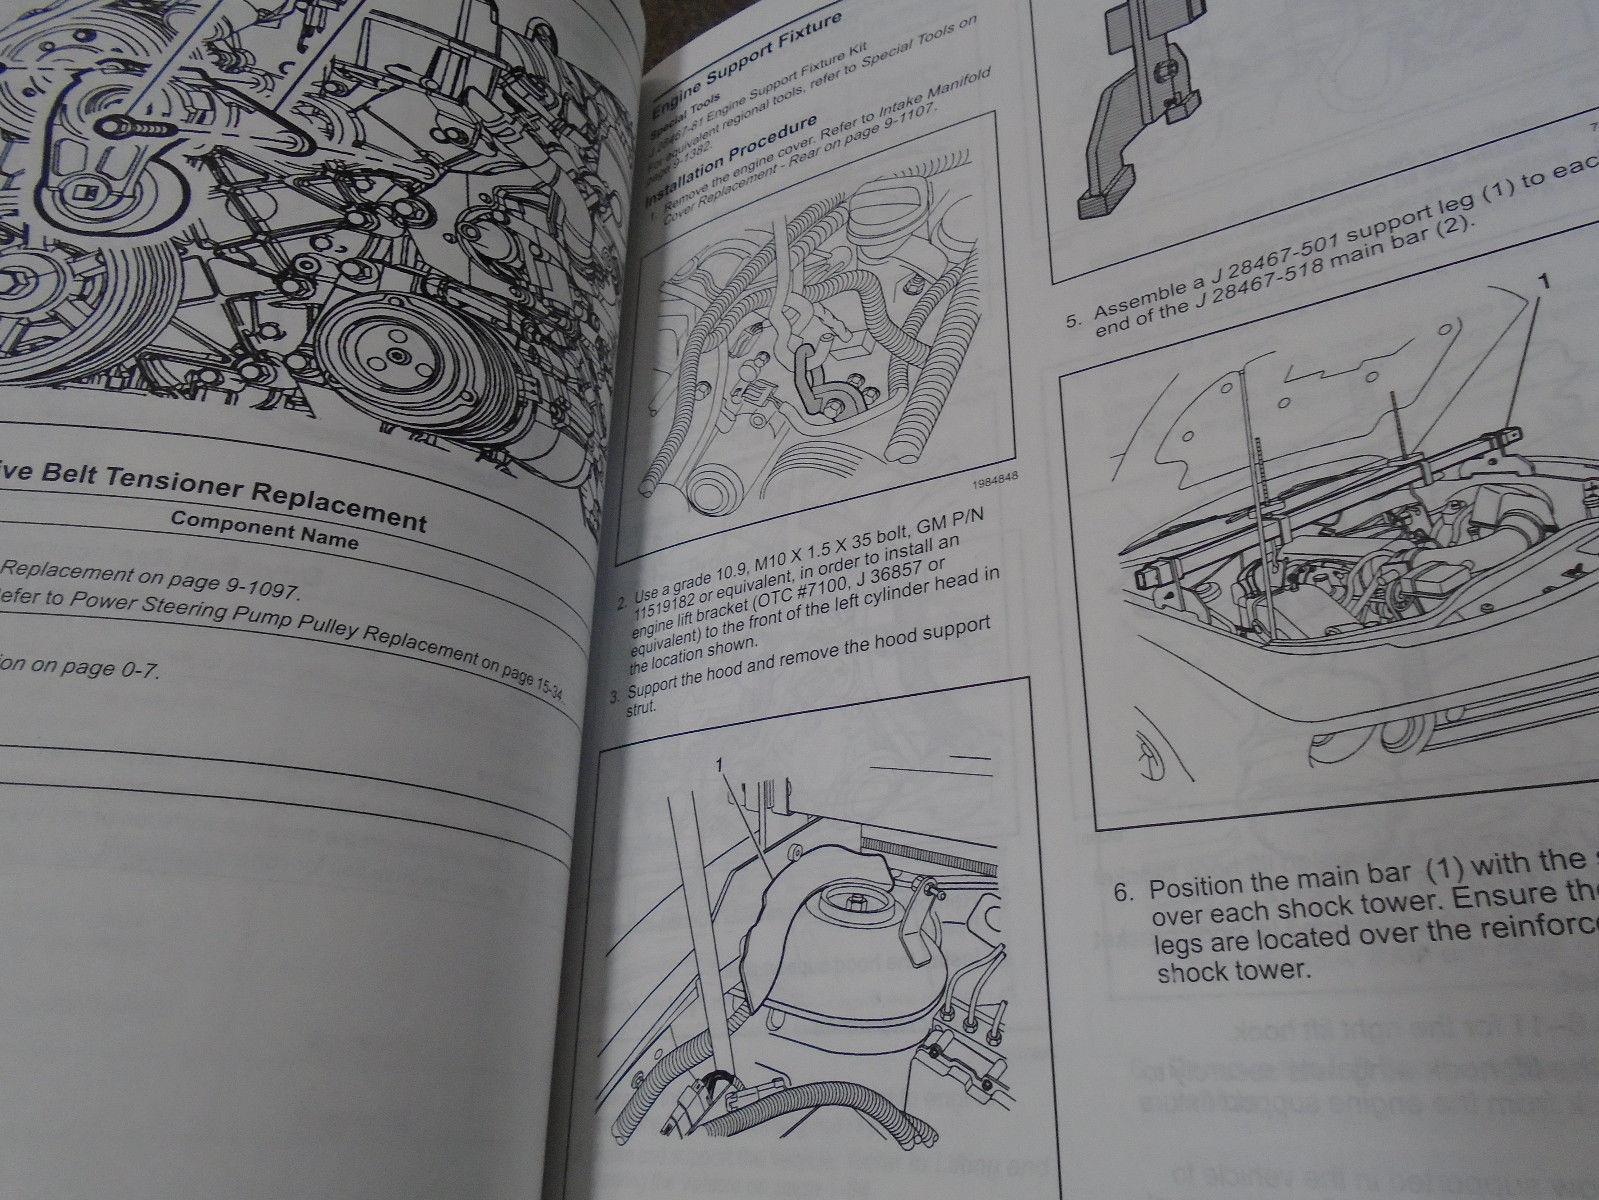 Chevrolet Sonic Repair Manual: Intake Manifold Disassemble